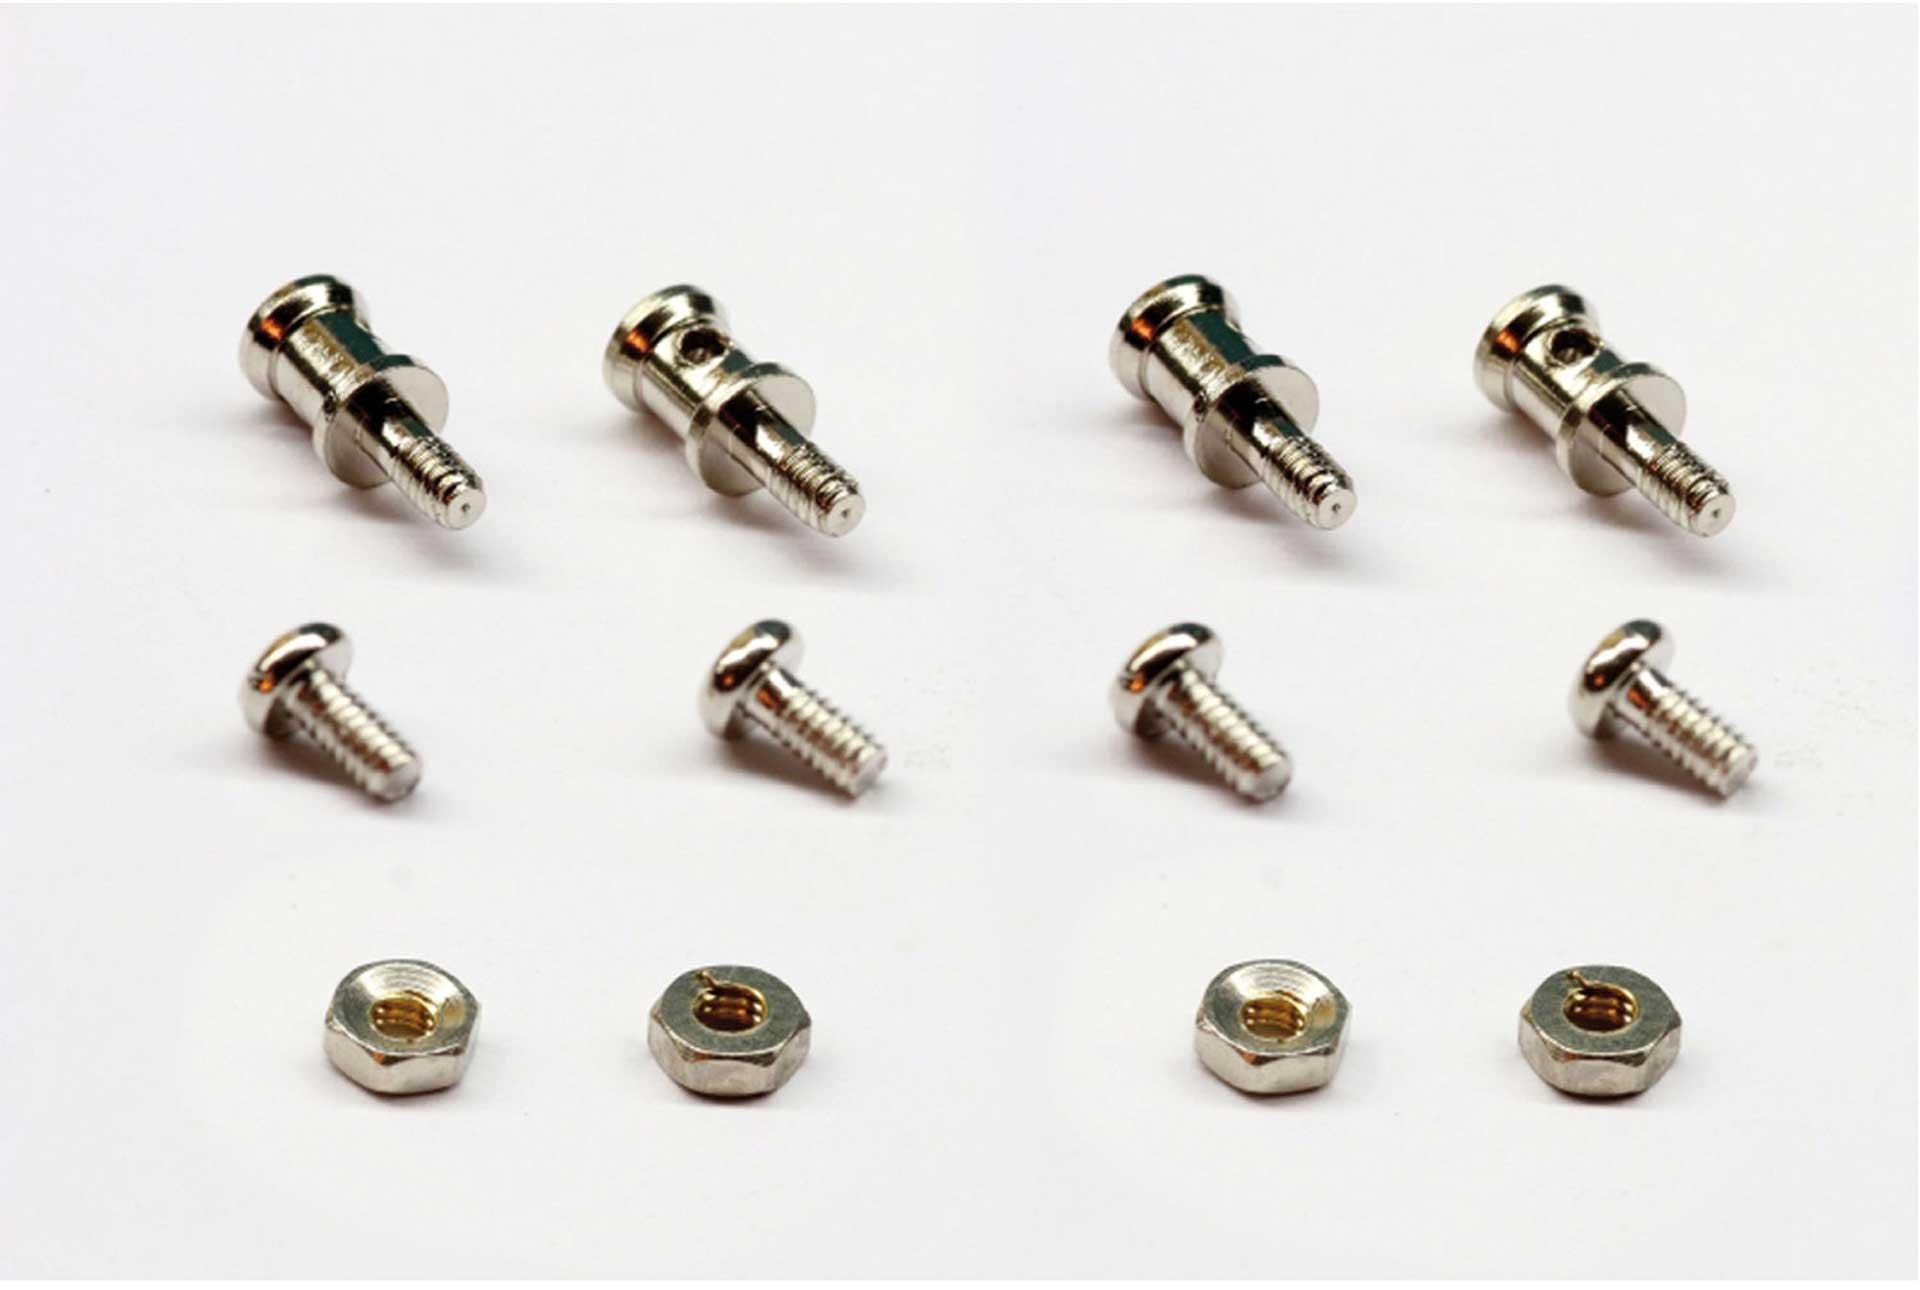 Robbe Modellsport Gestängeanschluss Micro für 1,2mm Gestän ge mit 1,9mm Bolzen, 4x5mm, M2, 4STK.